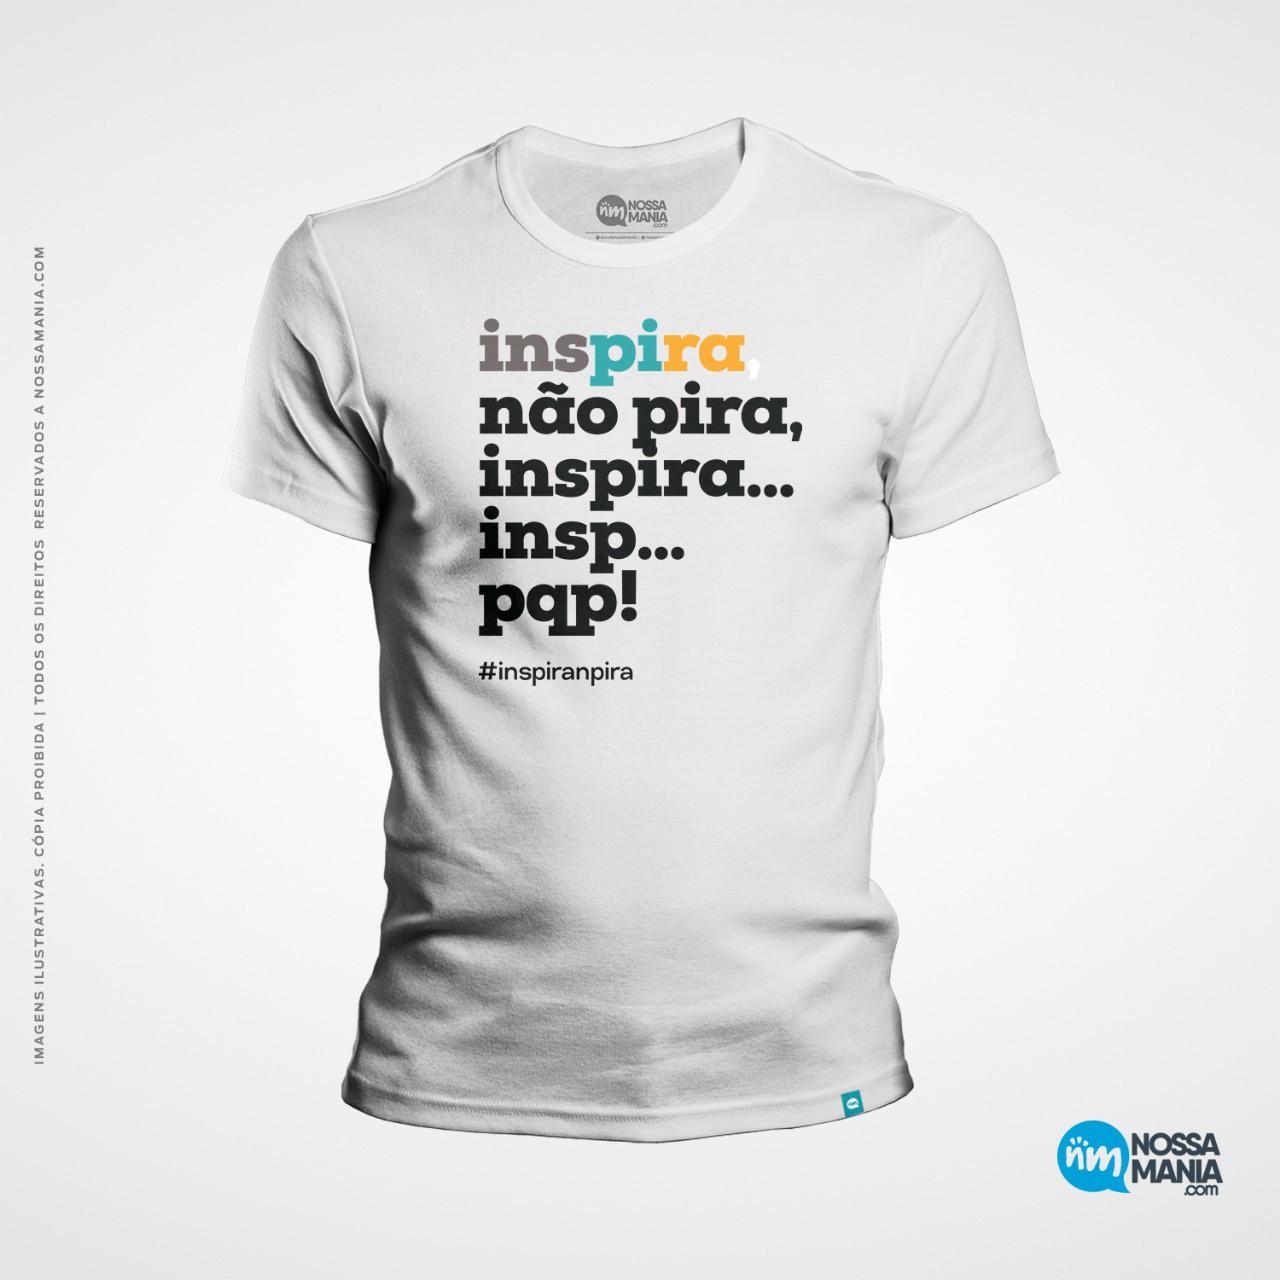 Inspira não pira pqp